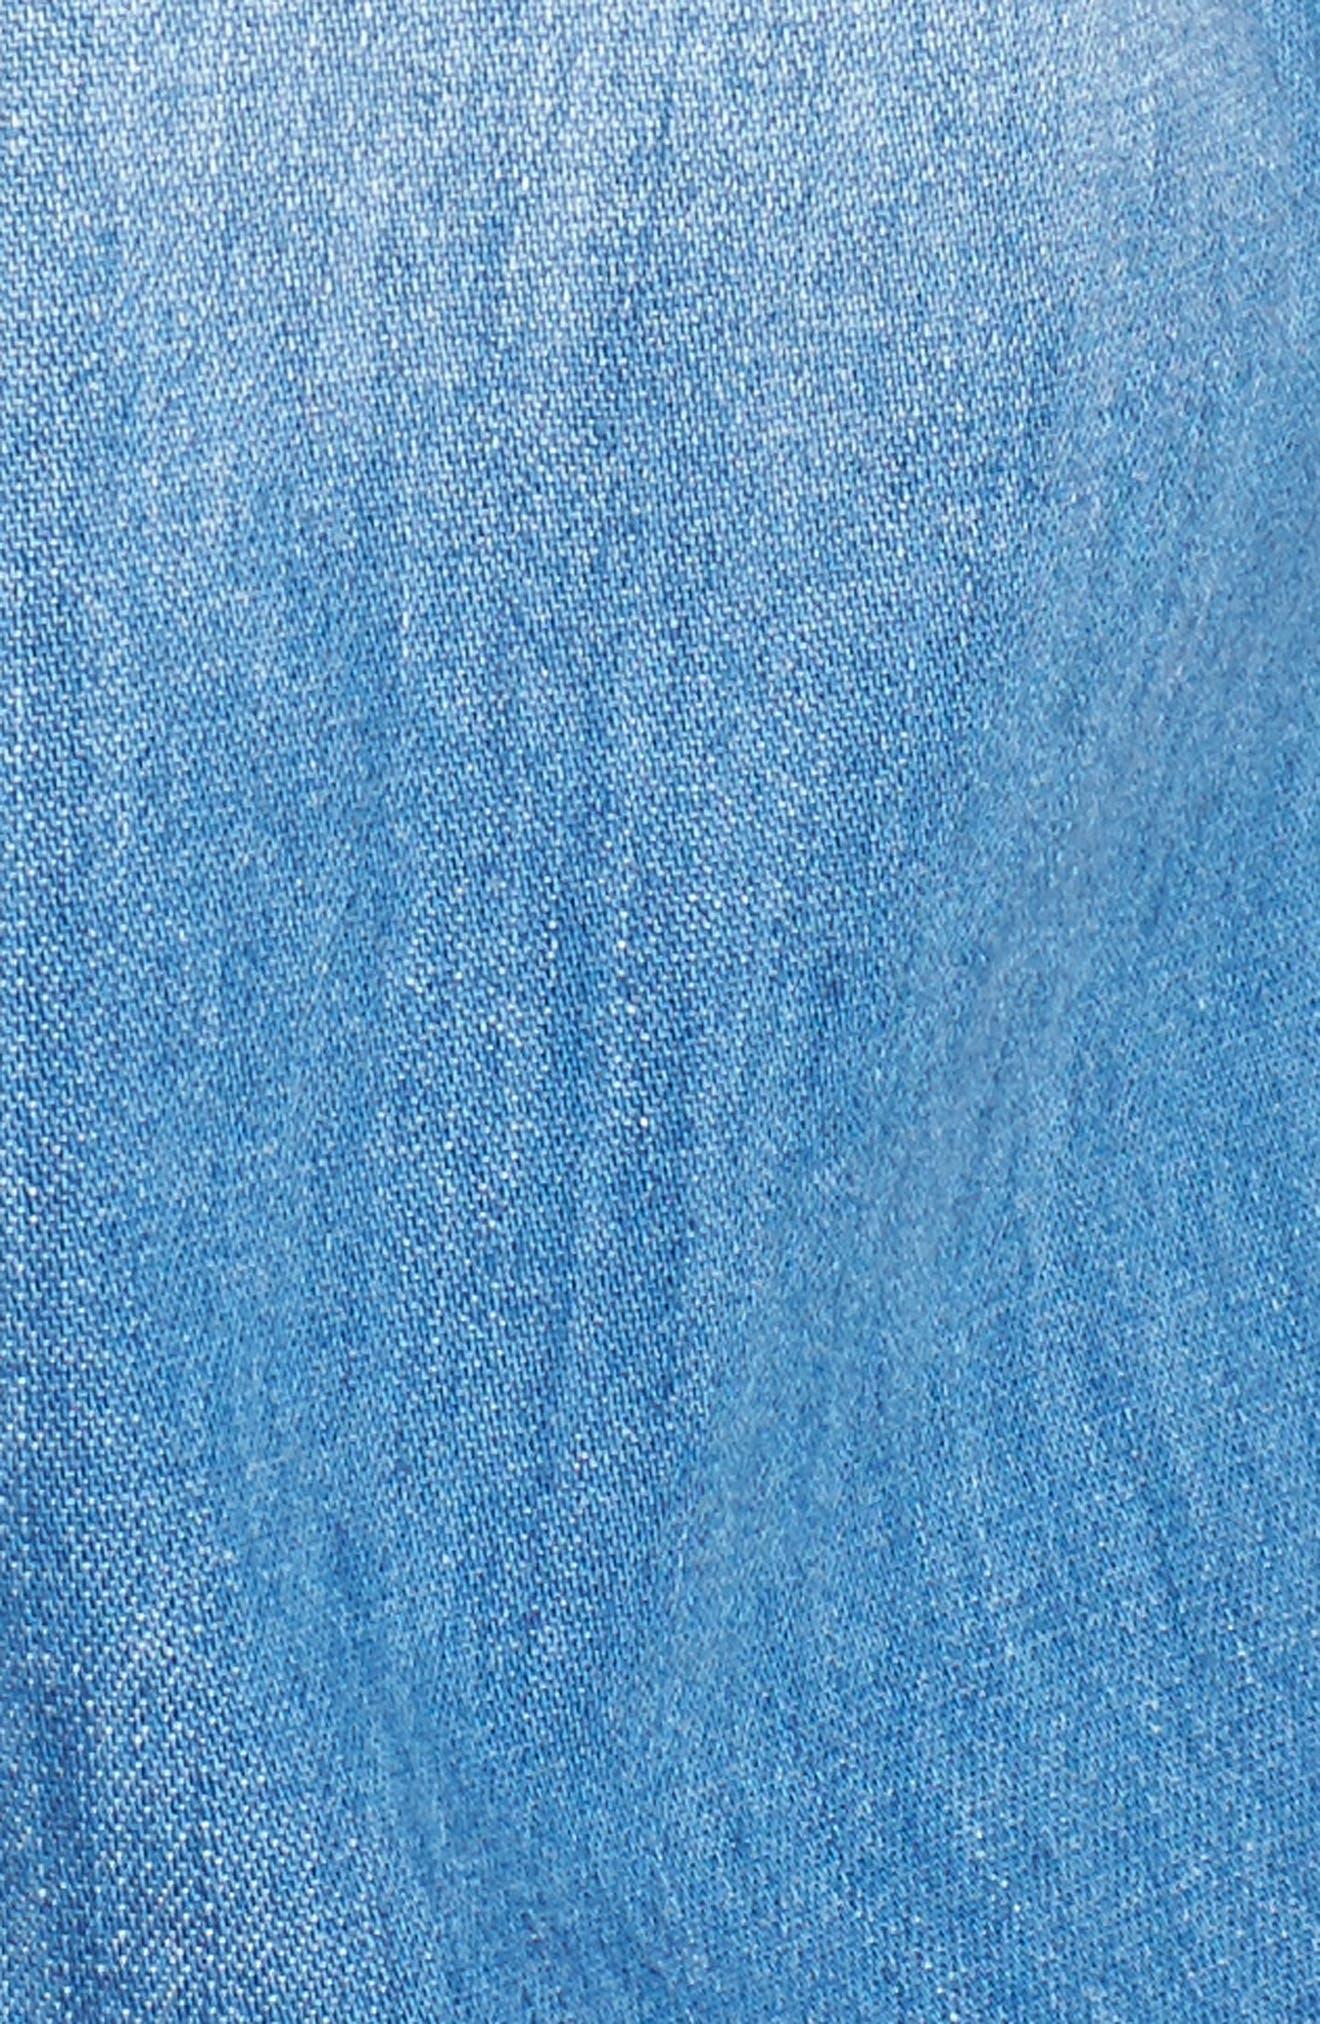 Easton Denim Shirt,                             Alternate thumbnail 5, color,                             TURBULENCE